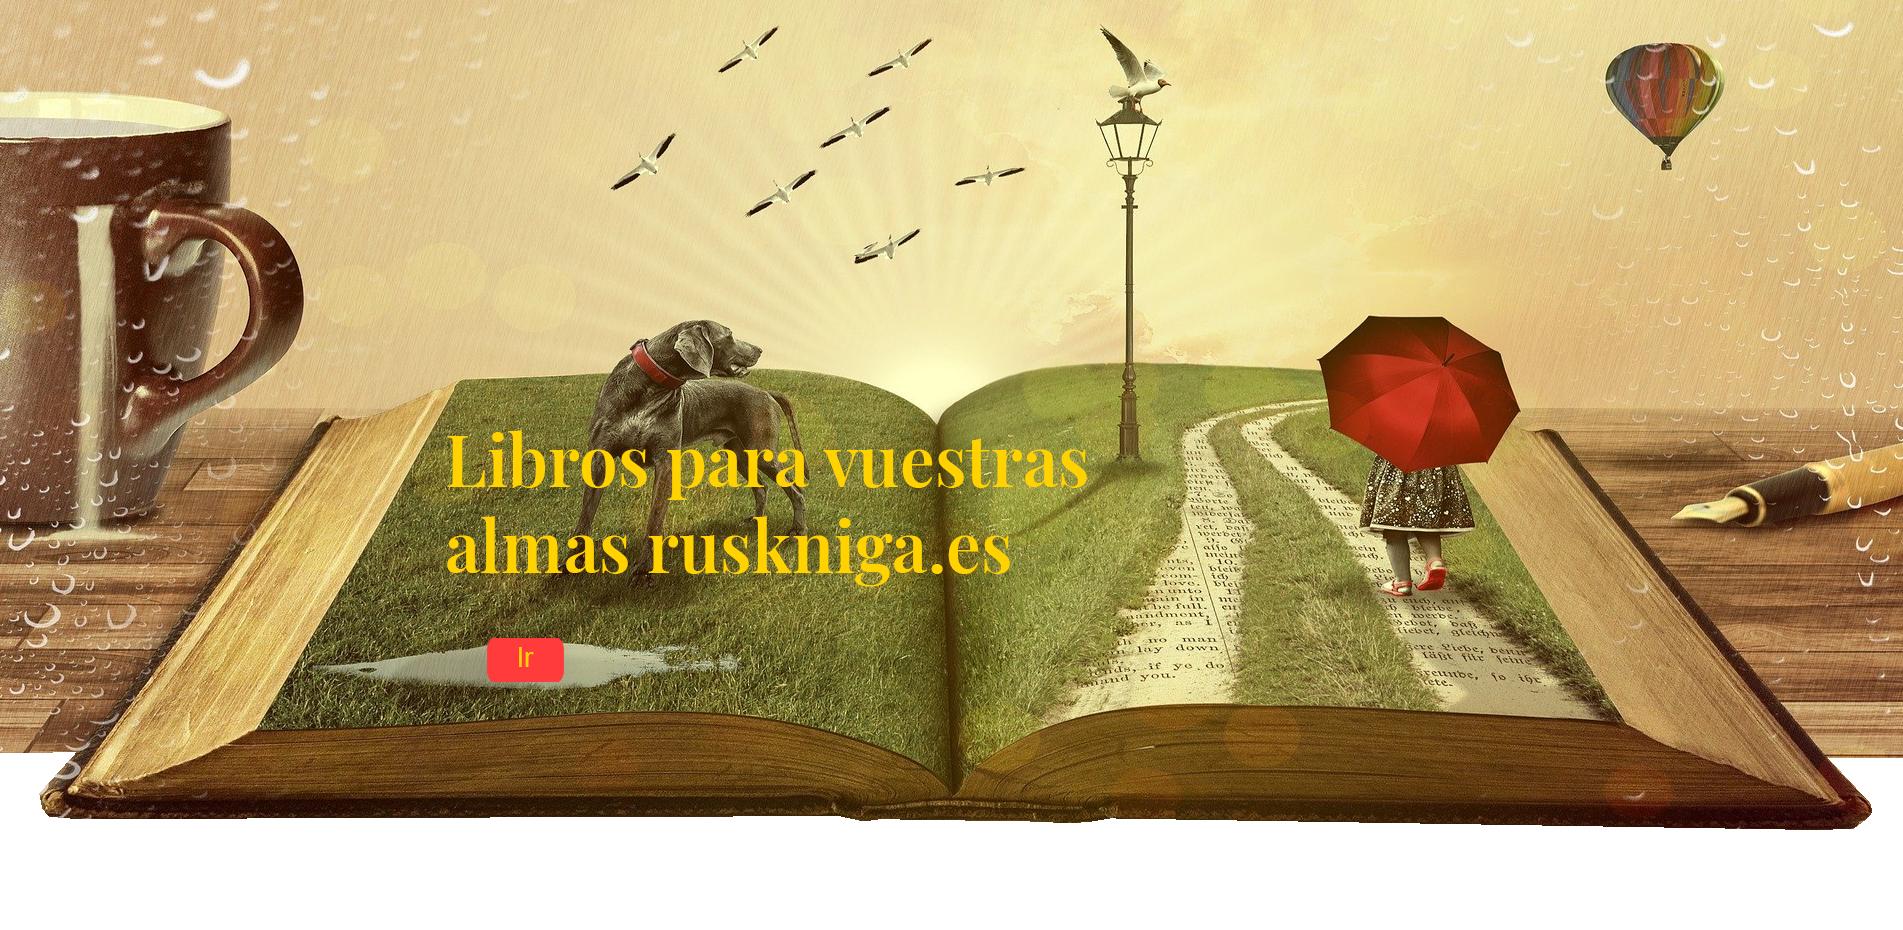 Libros para vuestras almas ruskniga.es